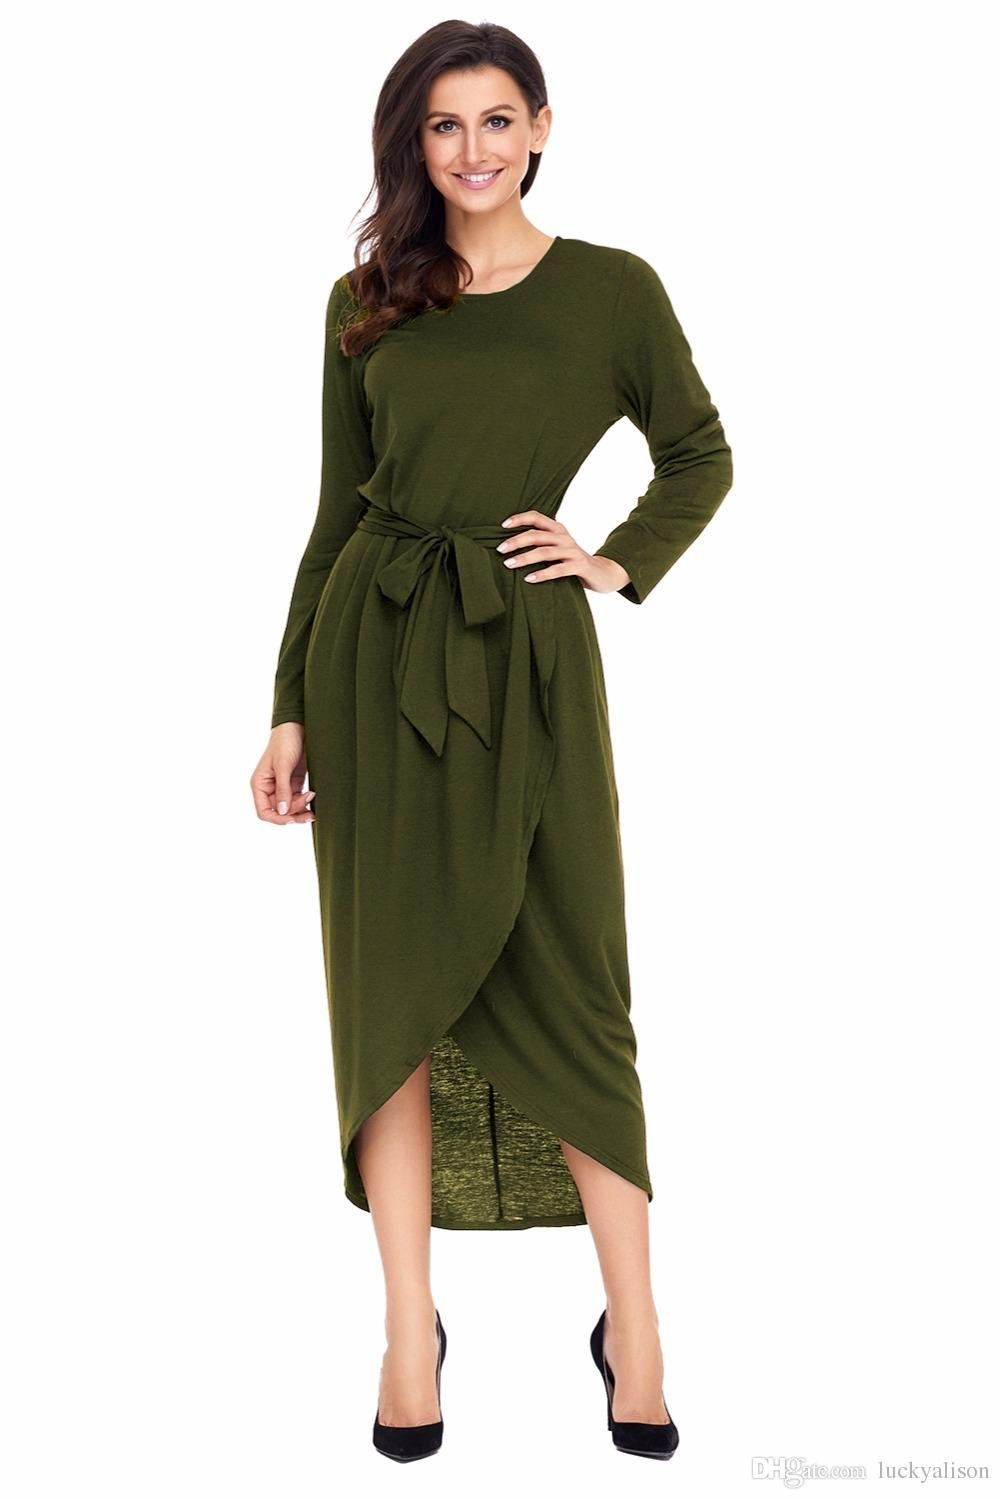 13 Schön Kleid Herbst für 201910 Schön Kleid Herbst Stylish